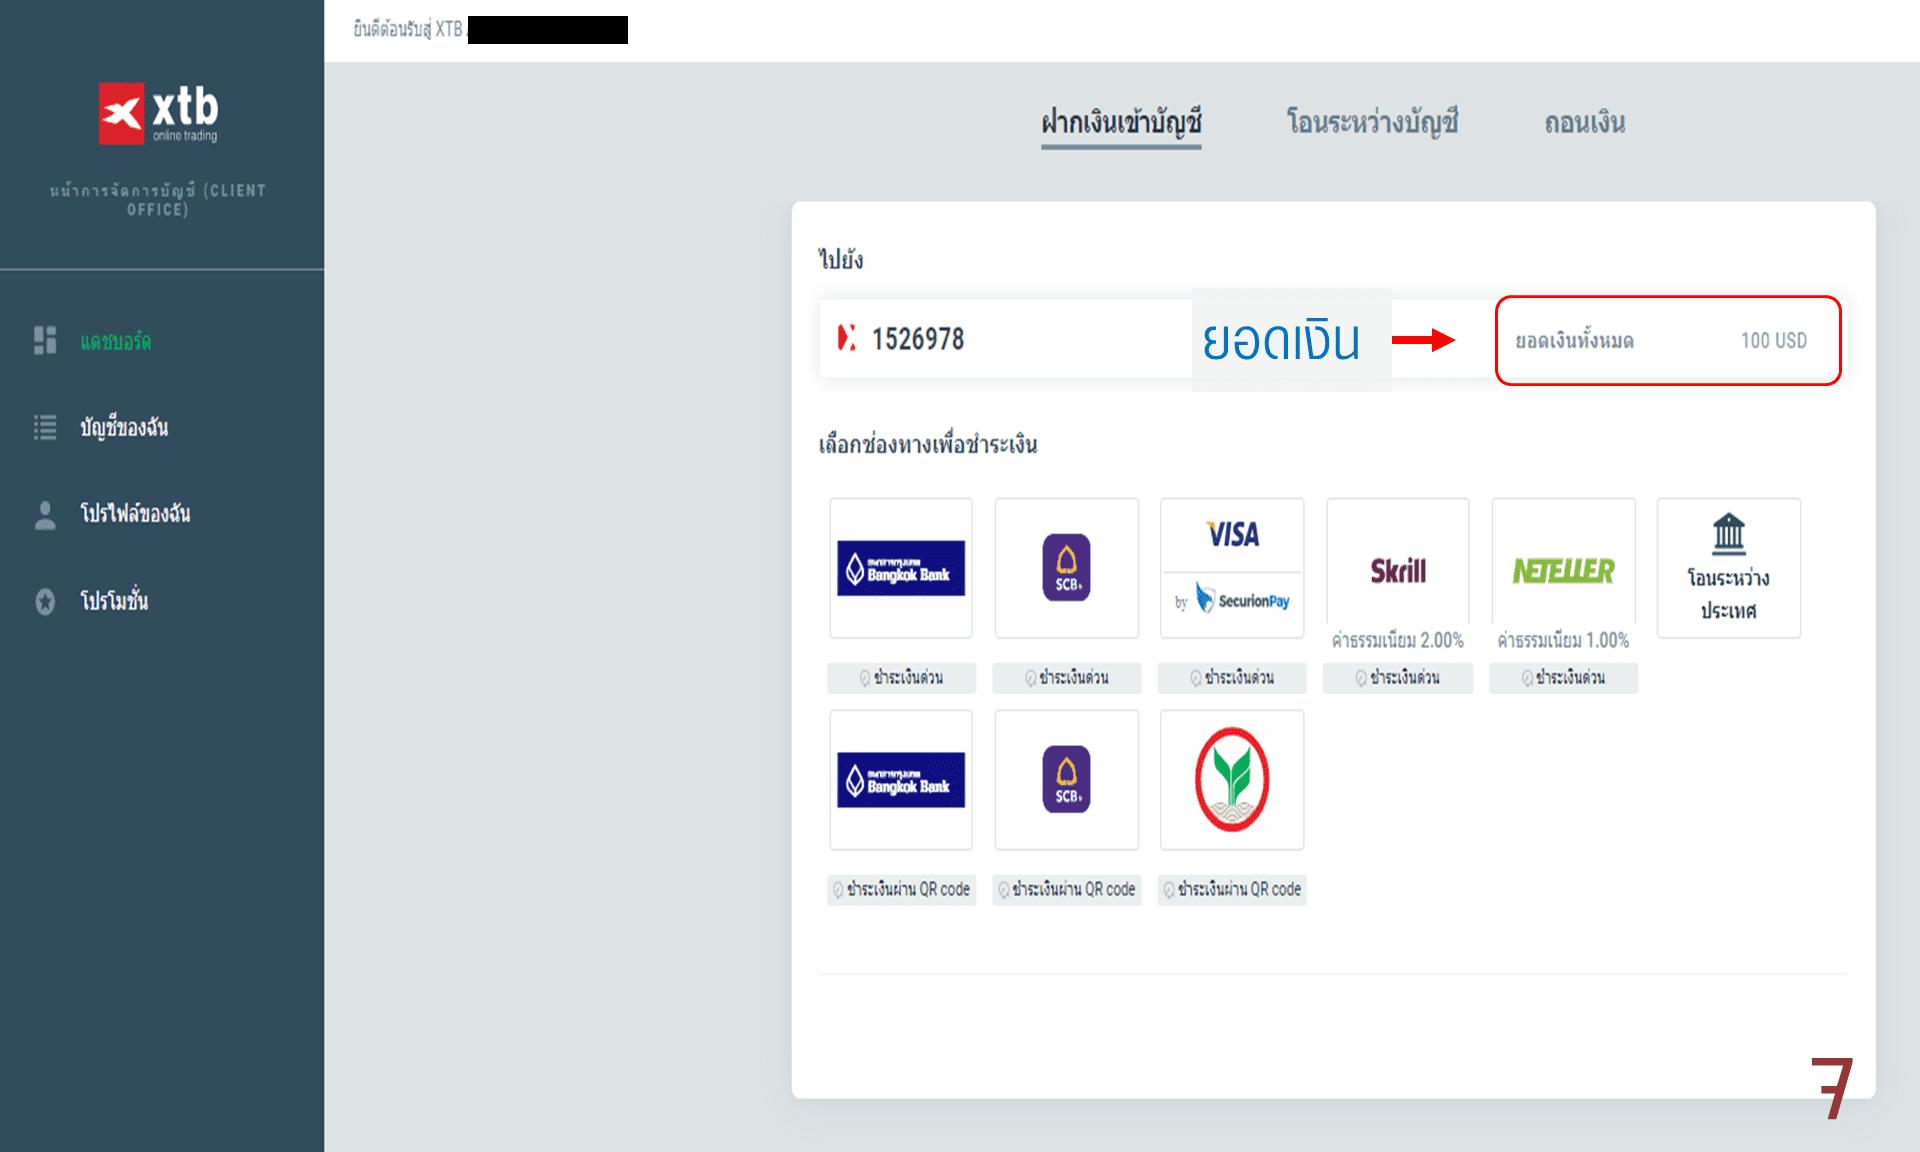 การฝากเงิน XTB 8